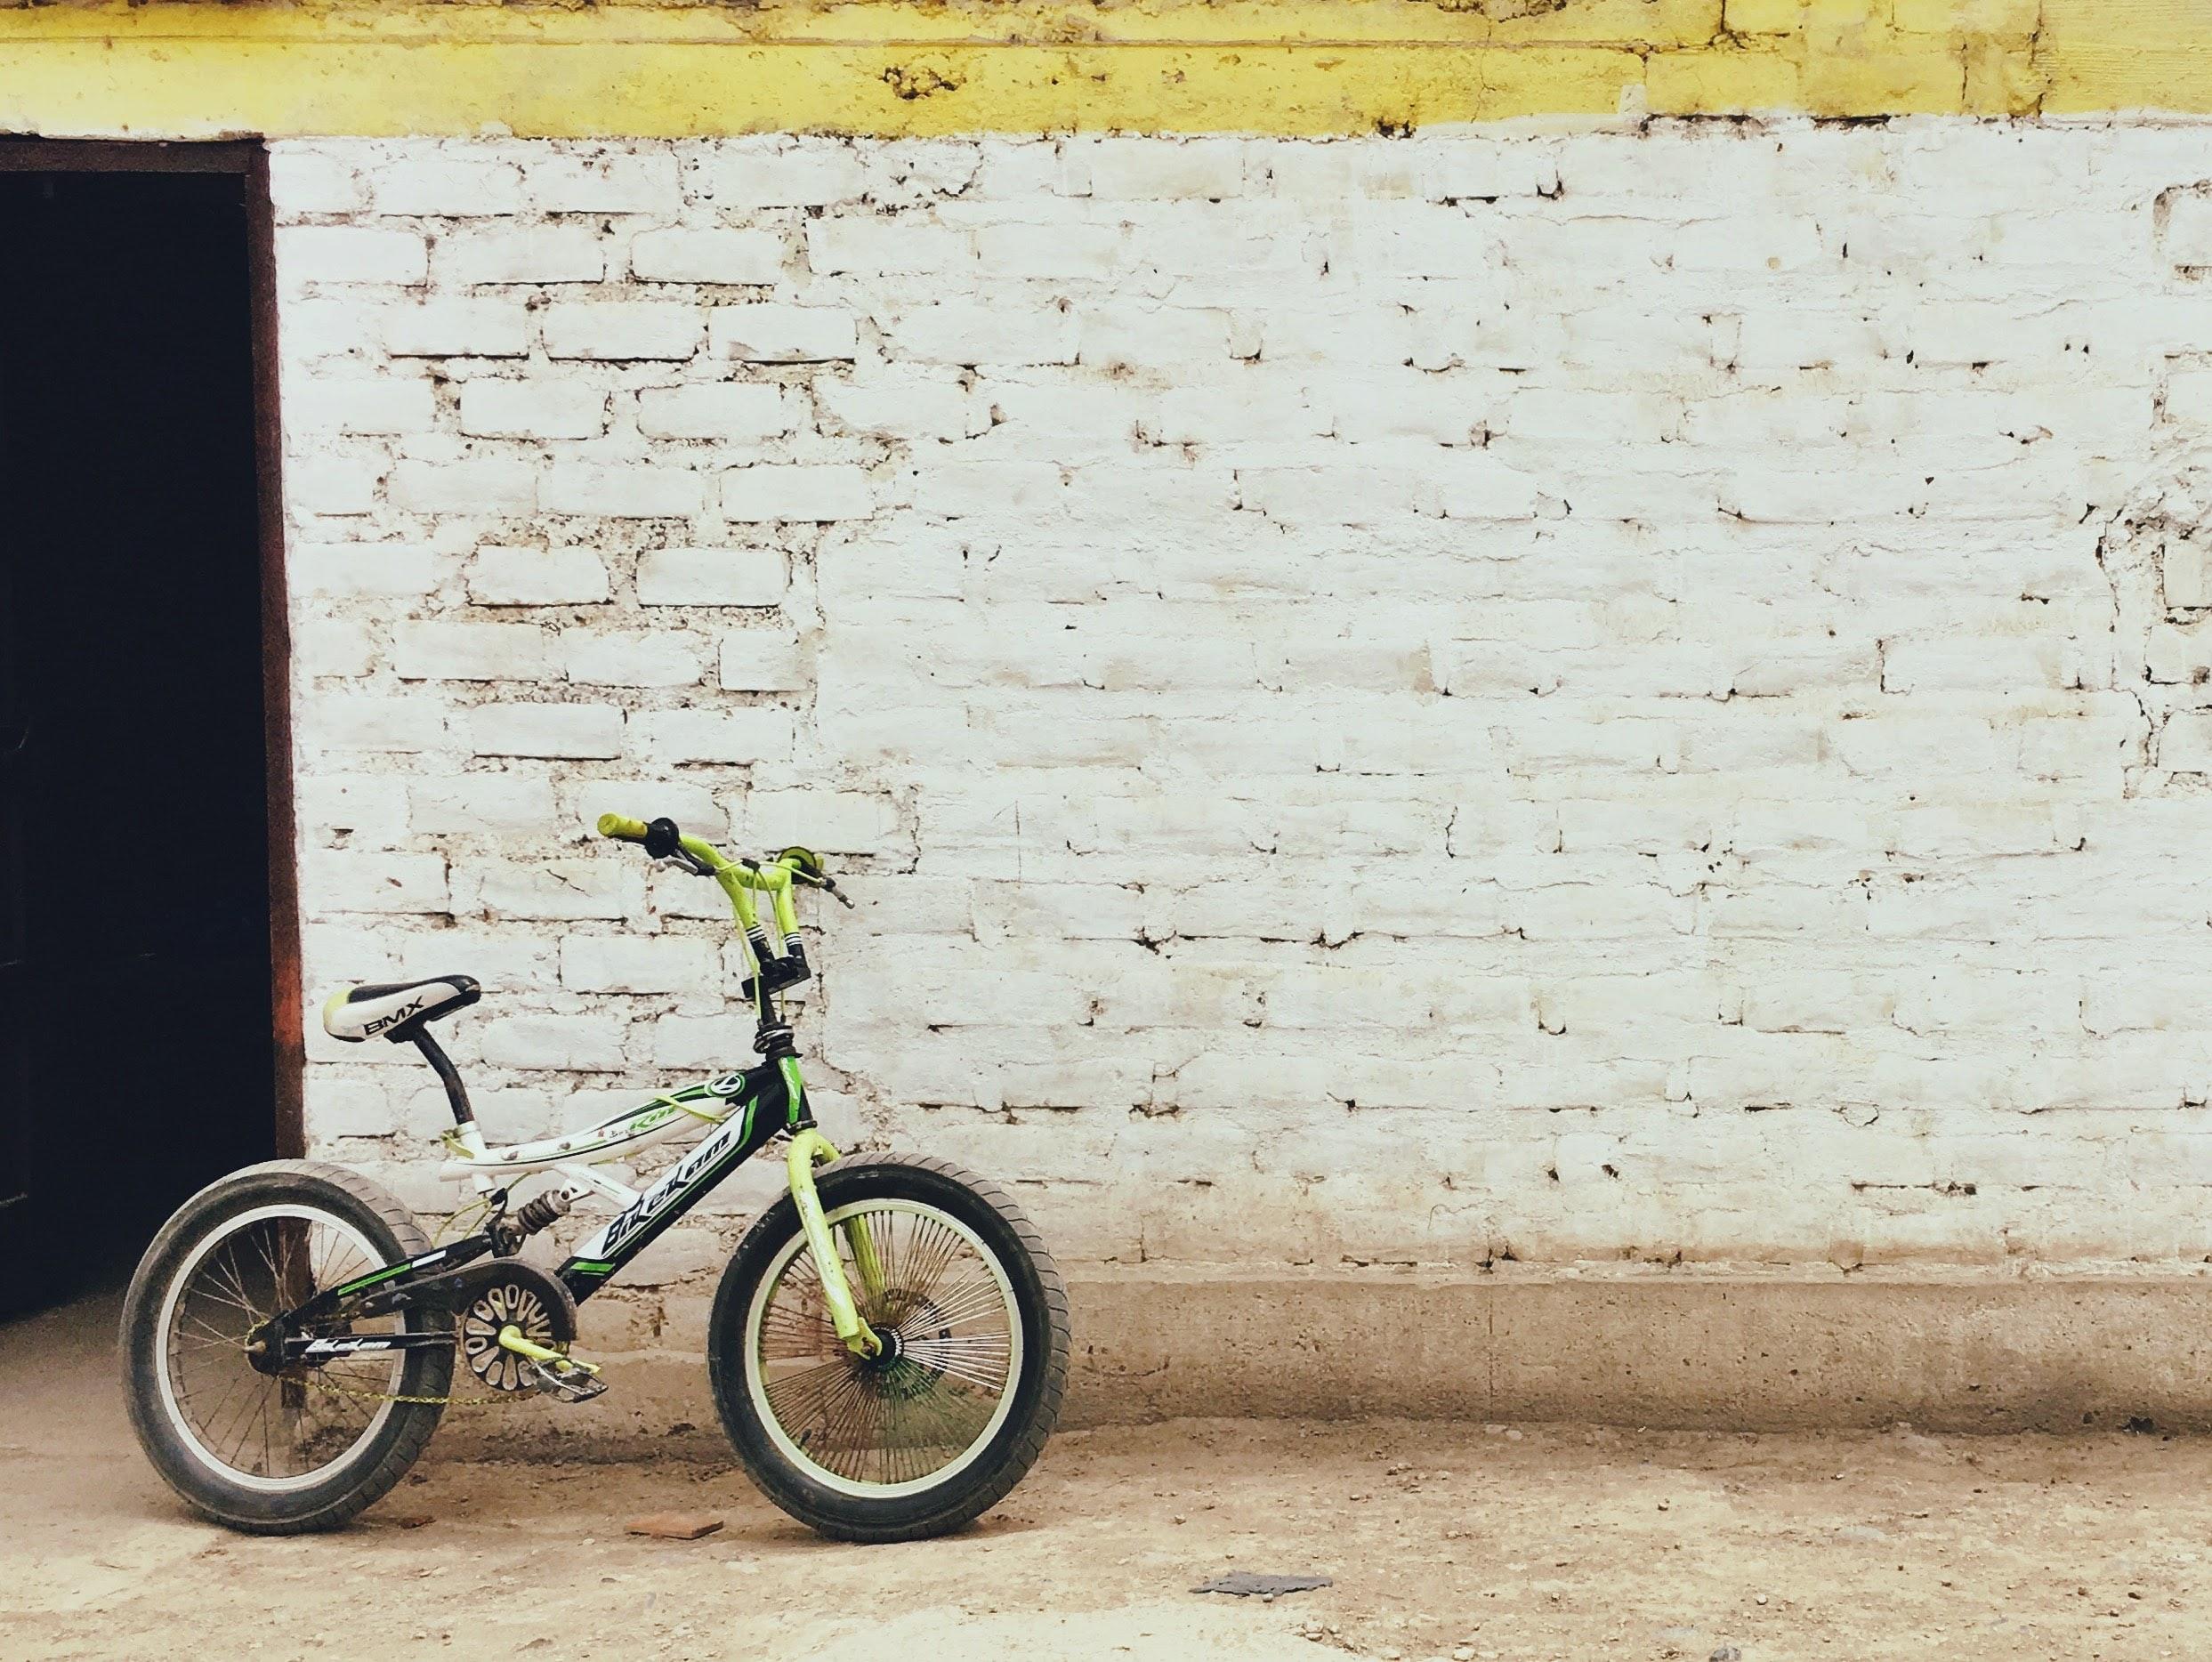 gyerekbicikli egy fal mellett